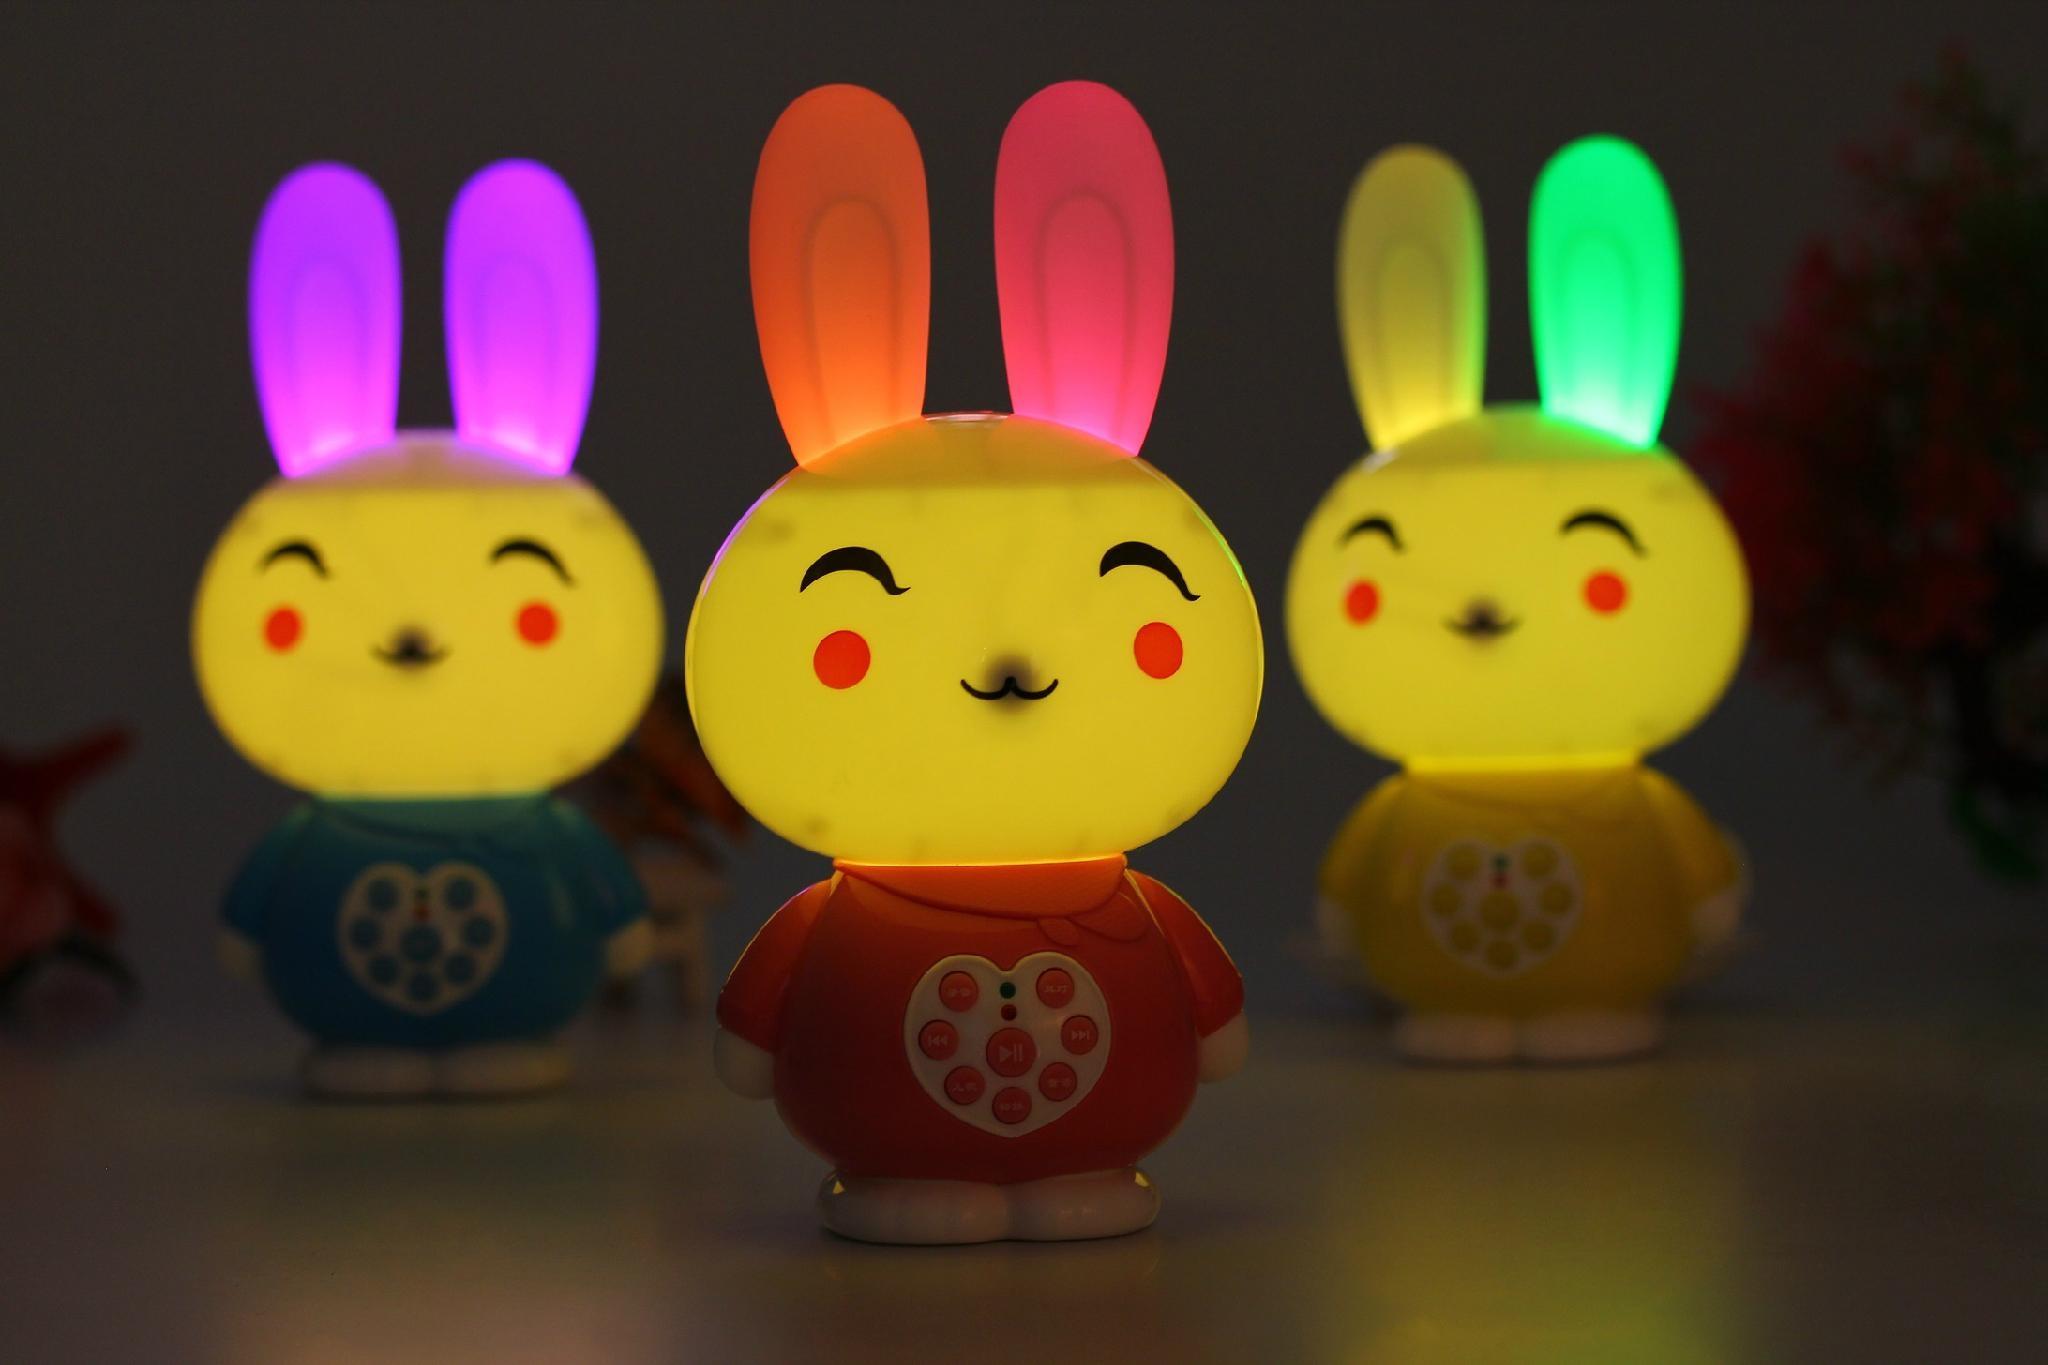 工廠供應貝貝優可可充電下載錄音抗摔遙控帶夜燈儿童早教故事機Q6 1